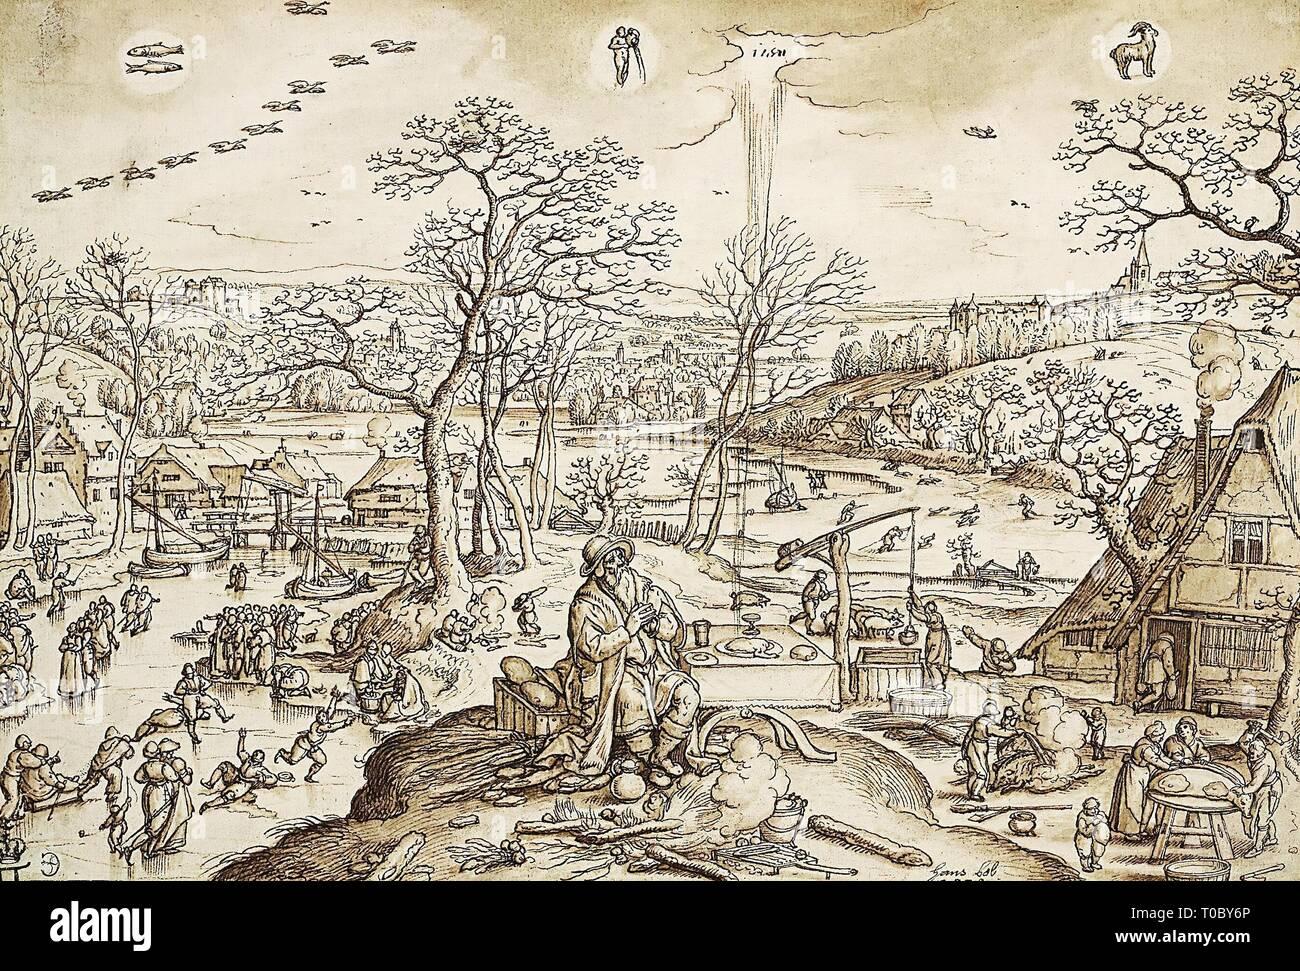 """""""L'Allegoria dell'inverno"""". I Paesi Bassi. I Paesi Bassi, 1579. Dimensioni: 20,6x30,6 cm. Museo: Membro Hermitage di San Pietroburgo. Autore: Hans BOL. Foto Stock"""